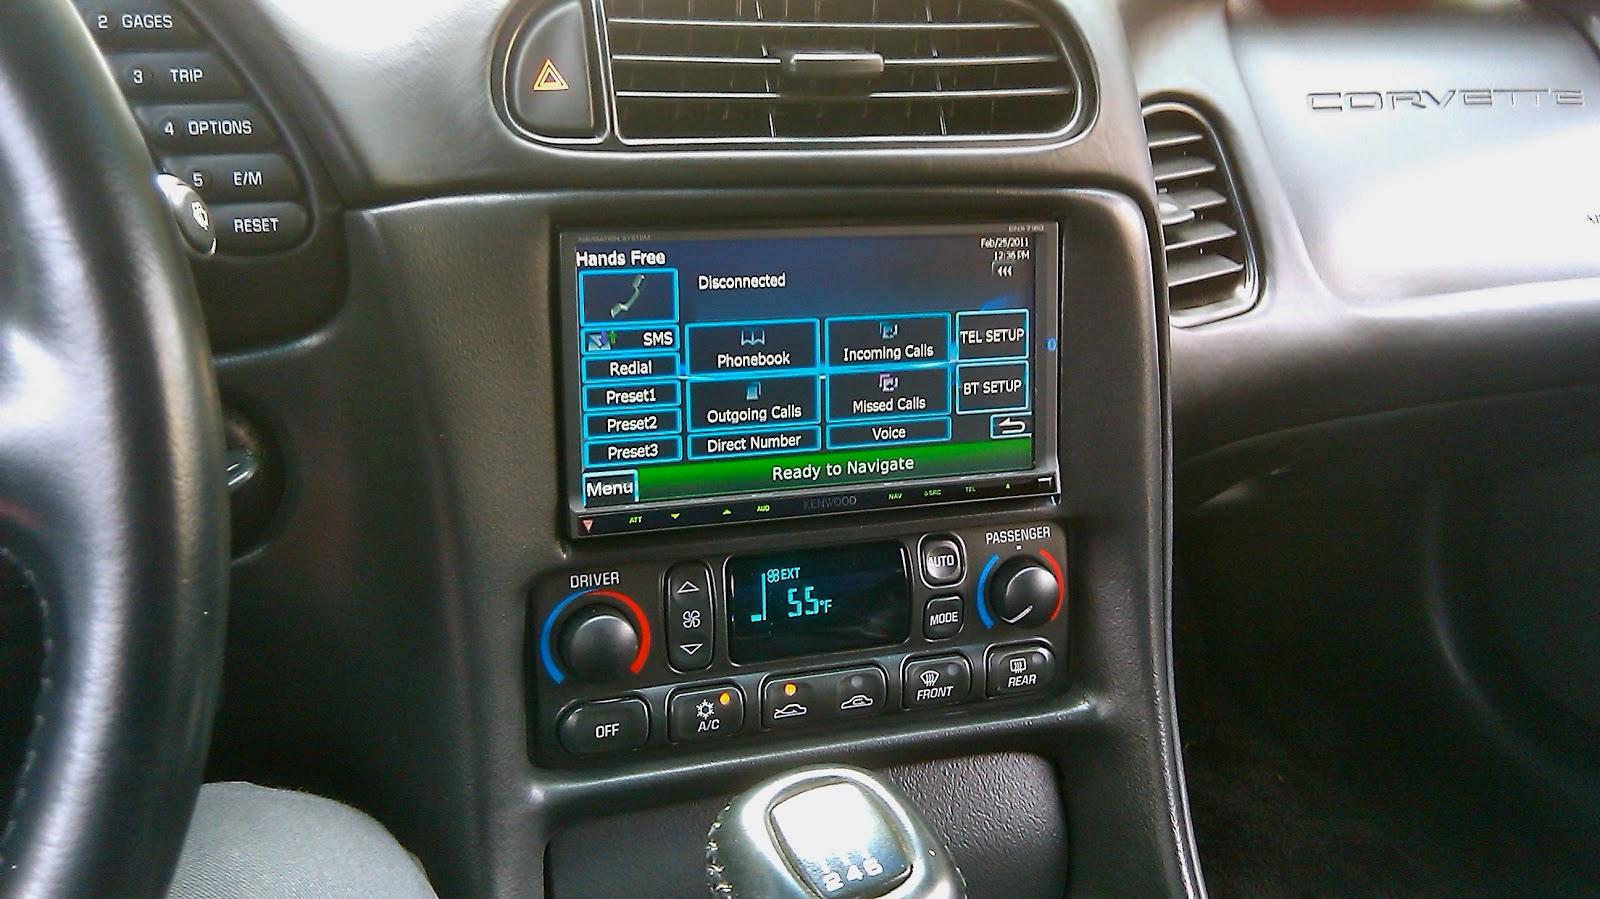 medium resolution of 1999 gmc safari radio wiring diagram 1989 gmc radio wiring diagramrh svlc us